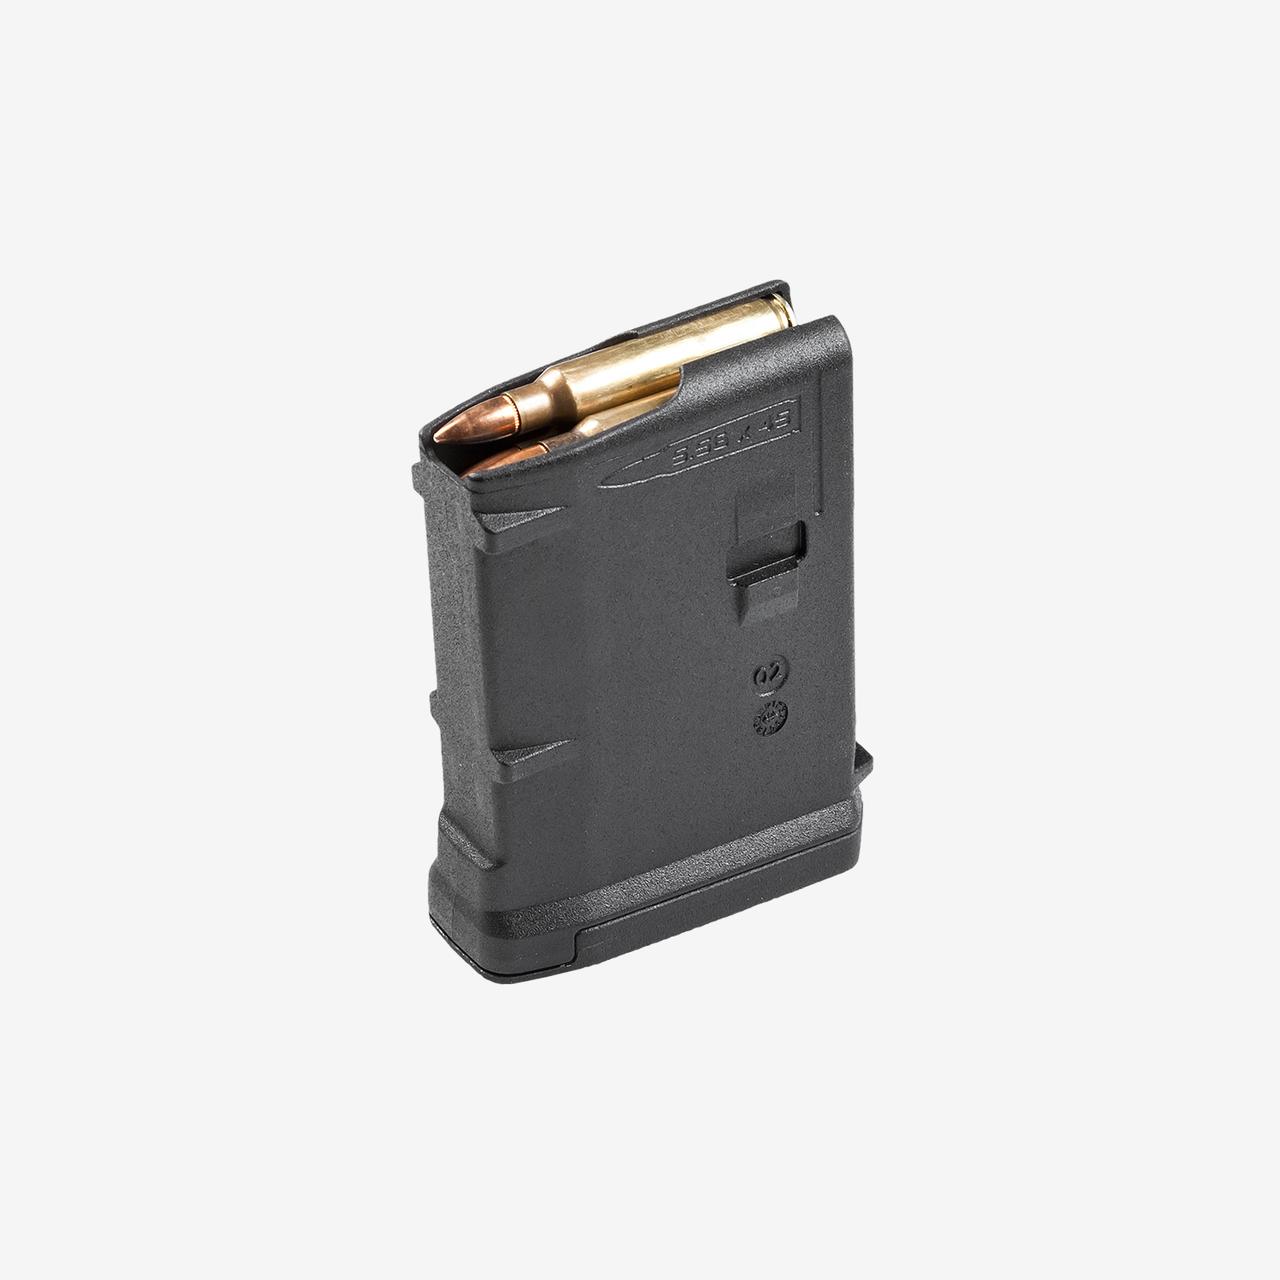 Магазин Magpul черный PMAG 10 AR/M4 GEN M3, 5.56x45